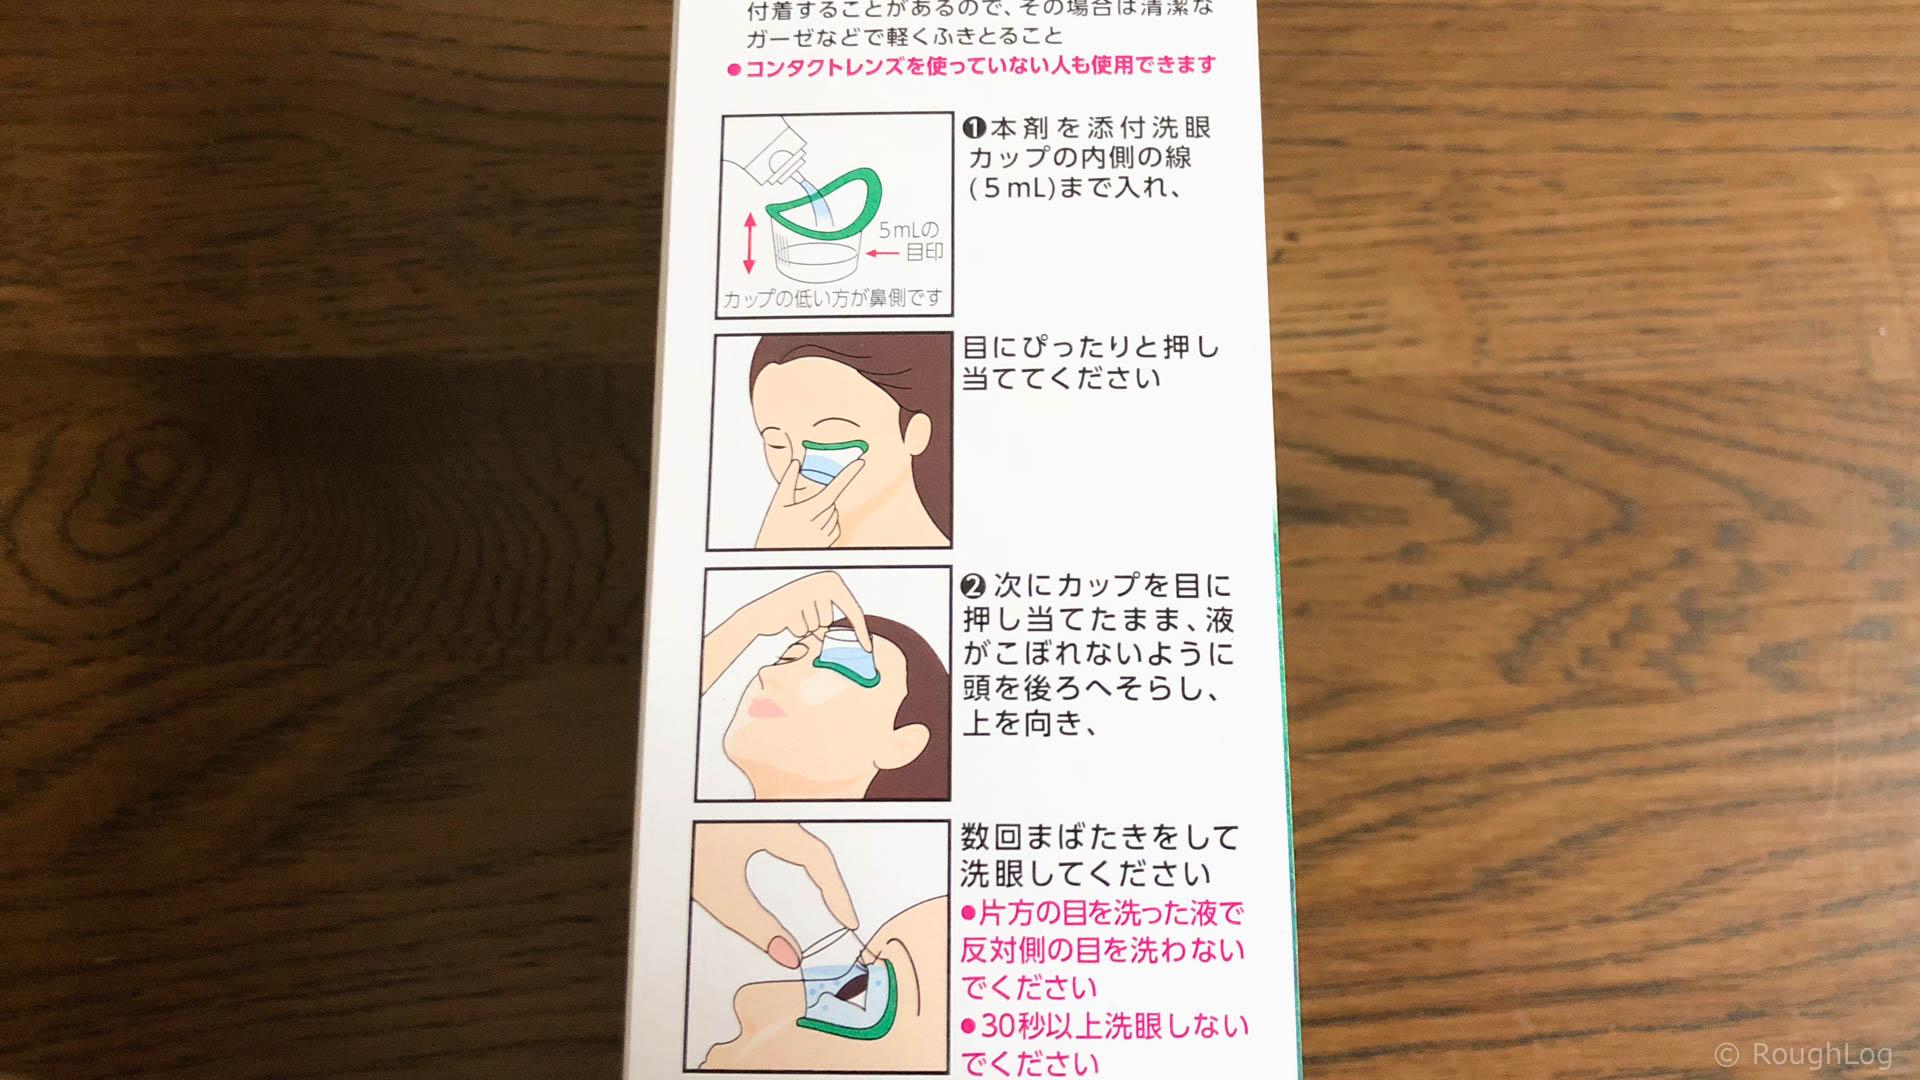 洗眼薬「アイボンAL」